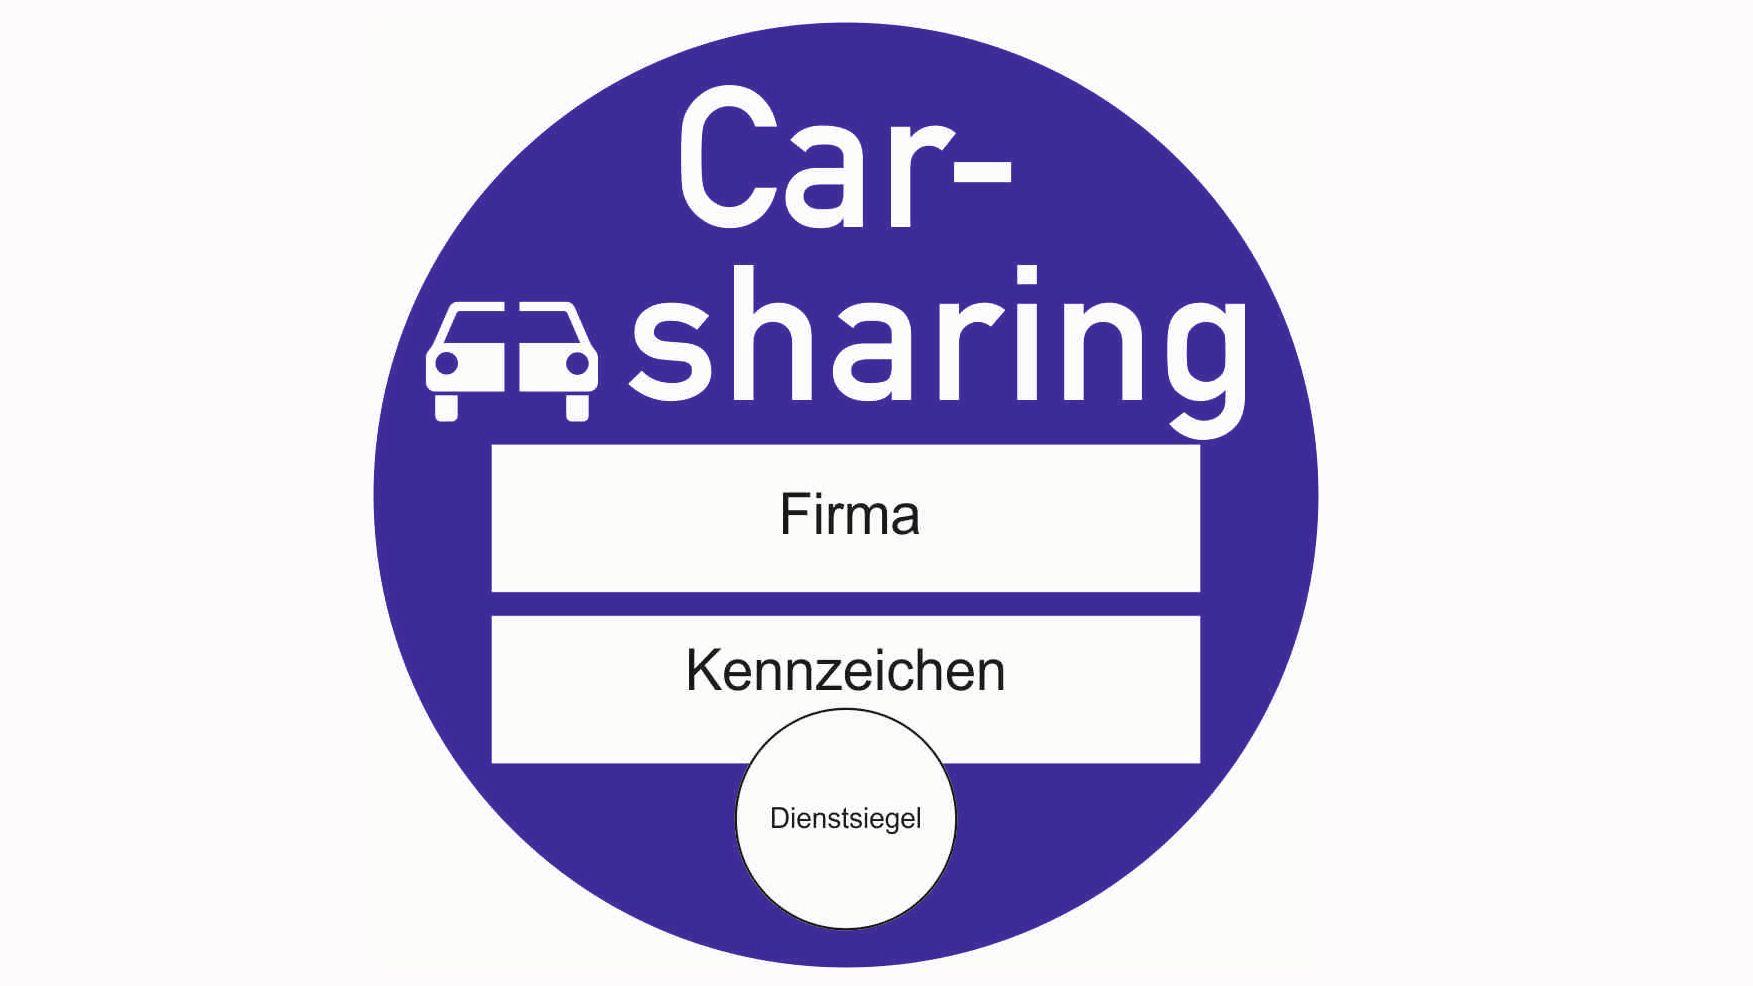 Sinnbild Plakette zur Kennzeichnung von Carsharing-Fahrzeugen